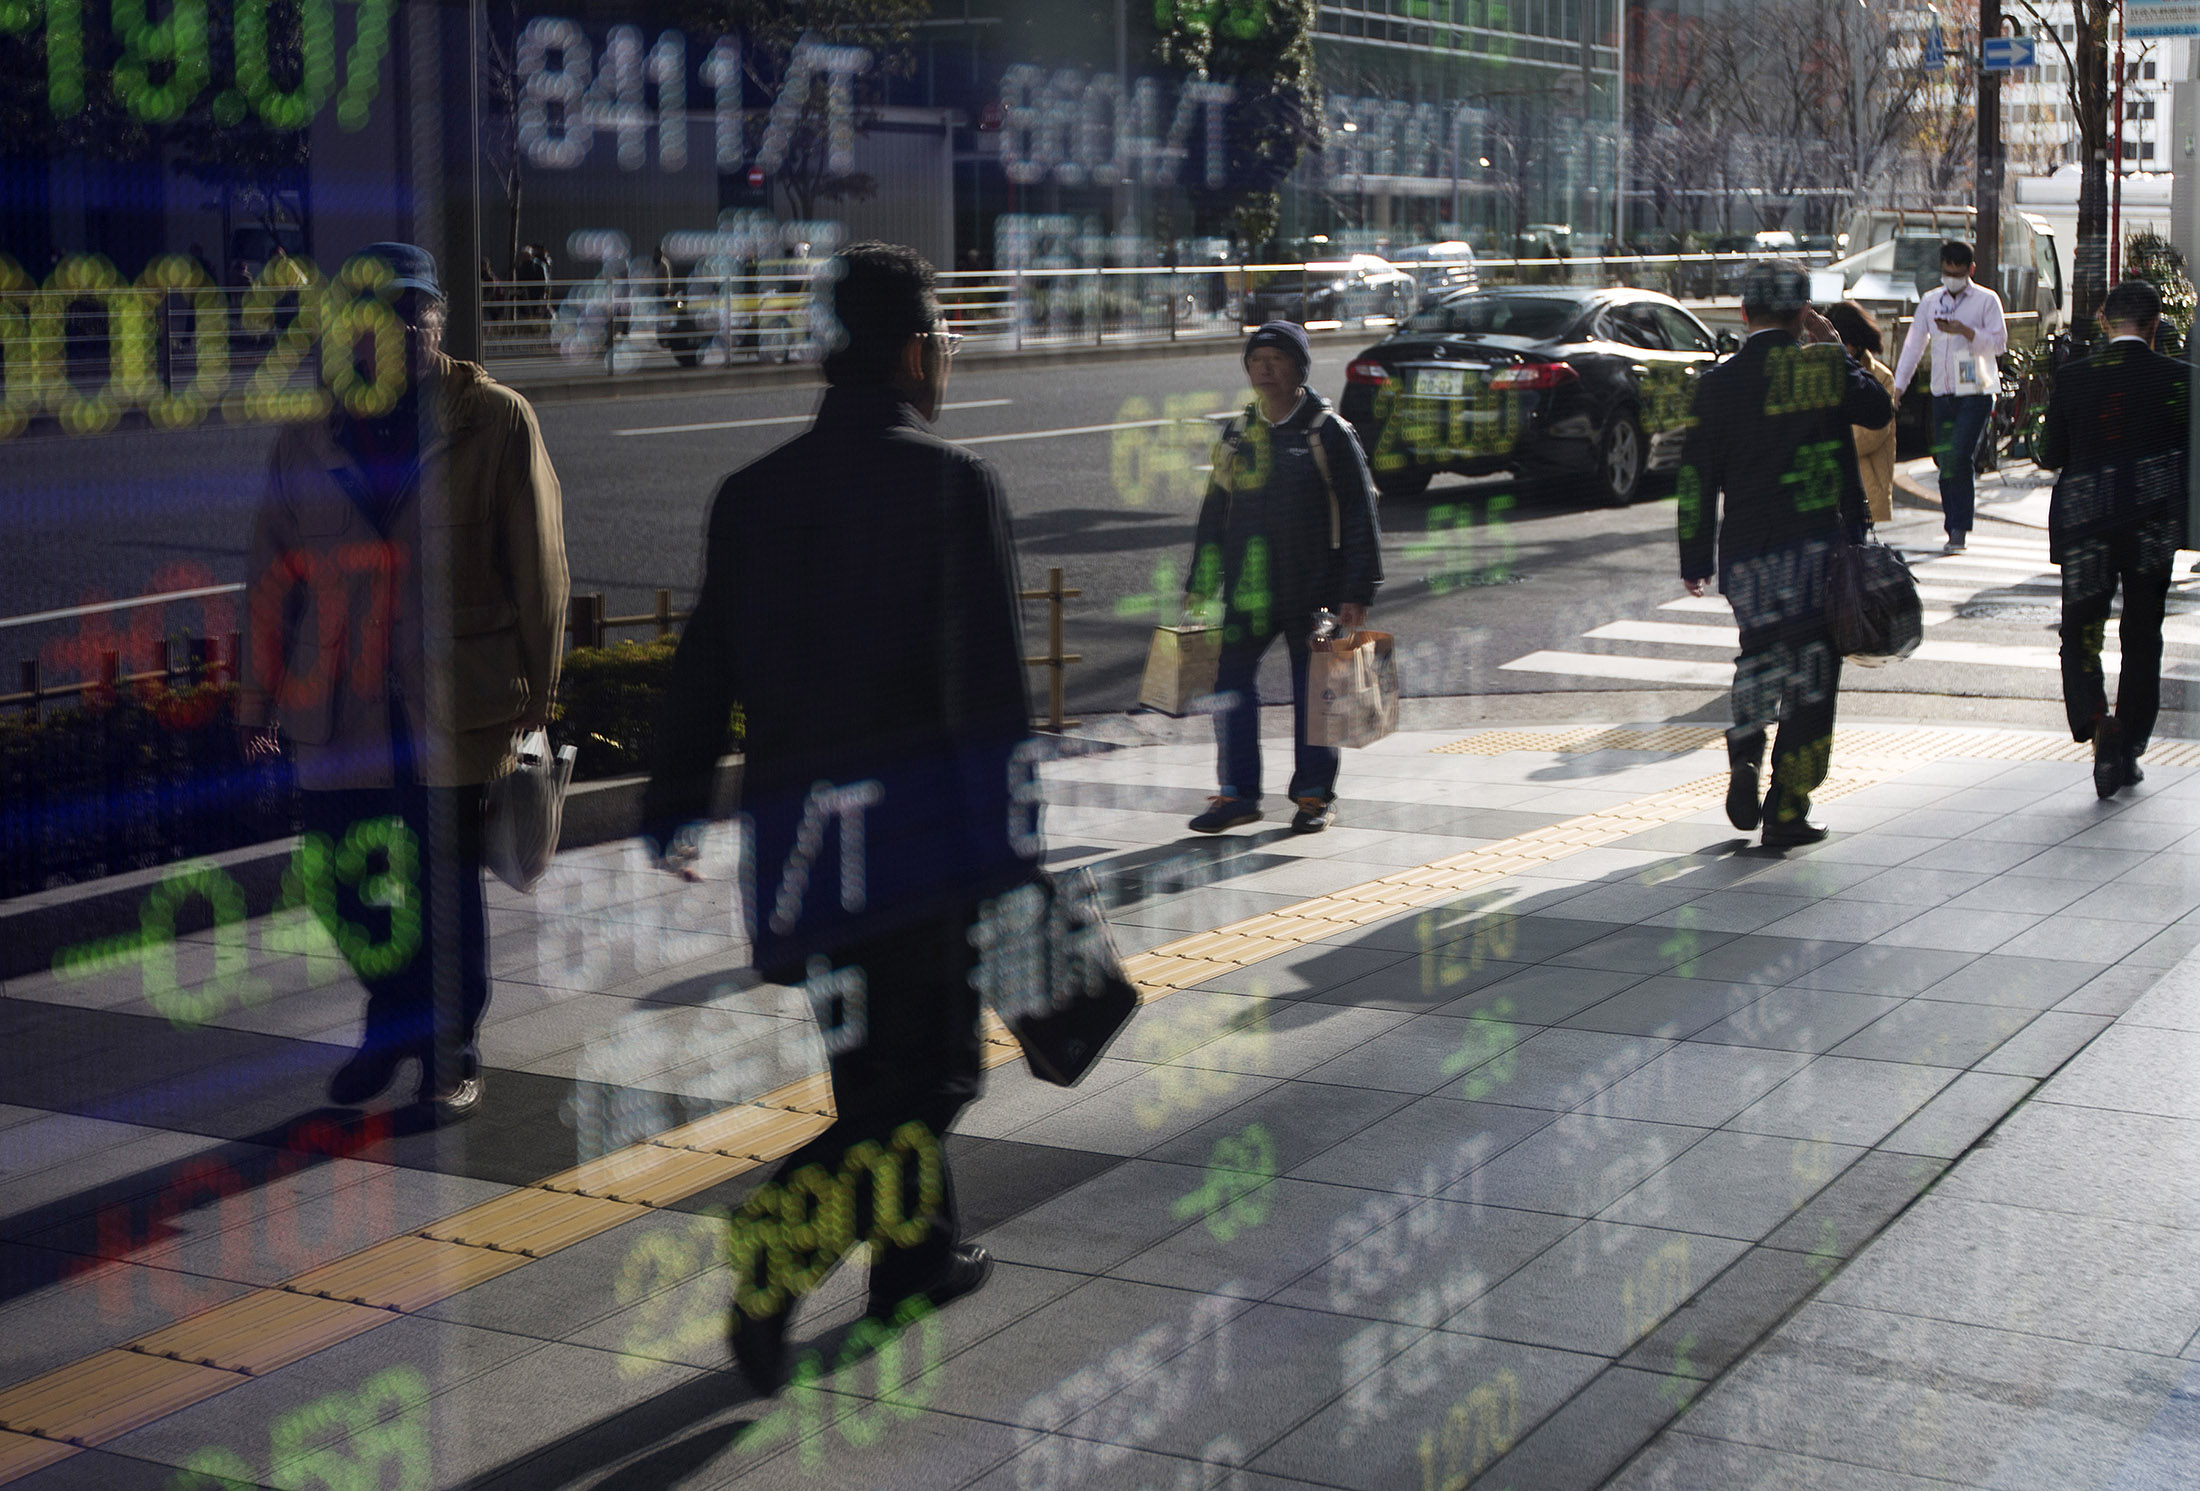 Asia Stocks Mixed, Oil Touches $60, Bitcoin Dips: Markets Wrap